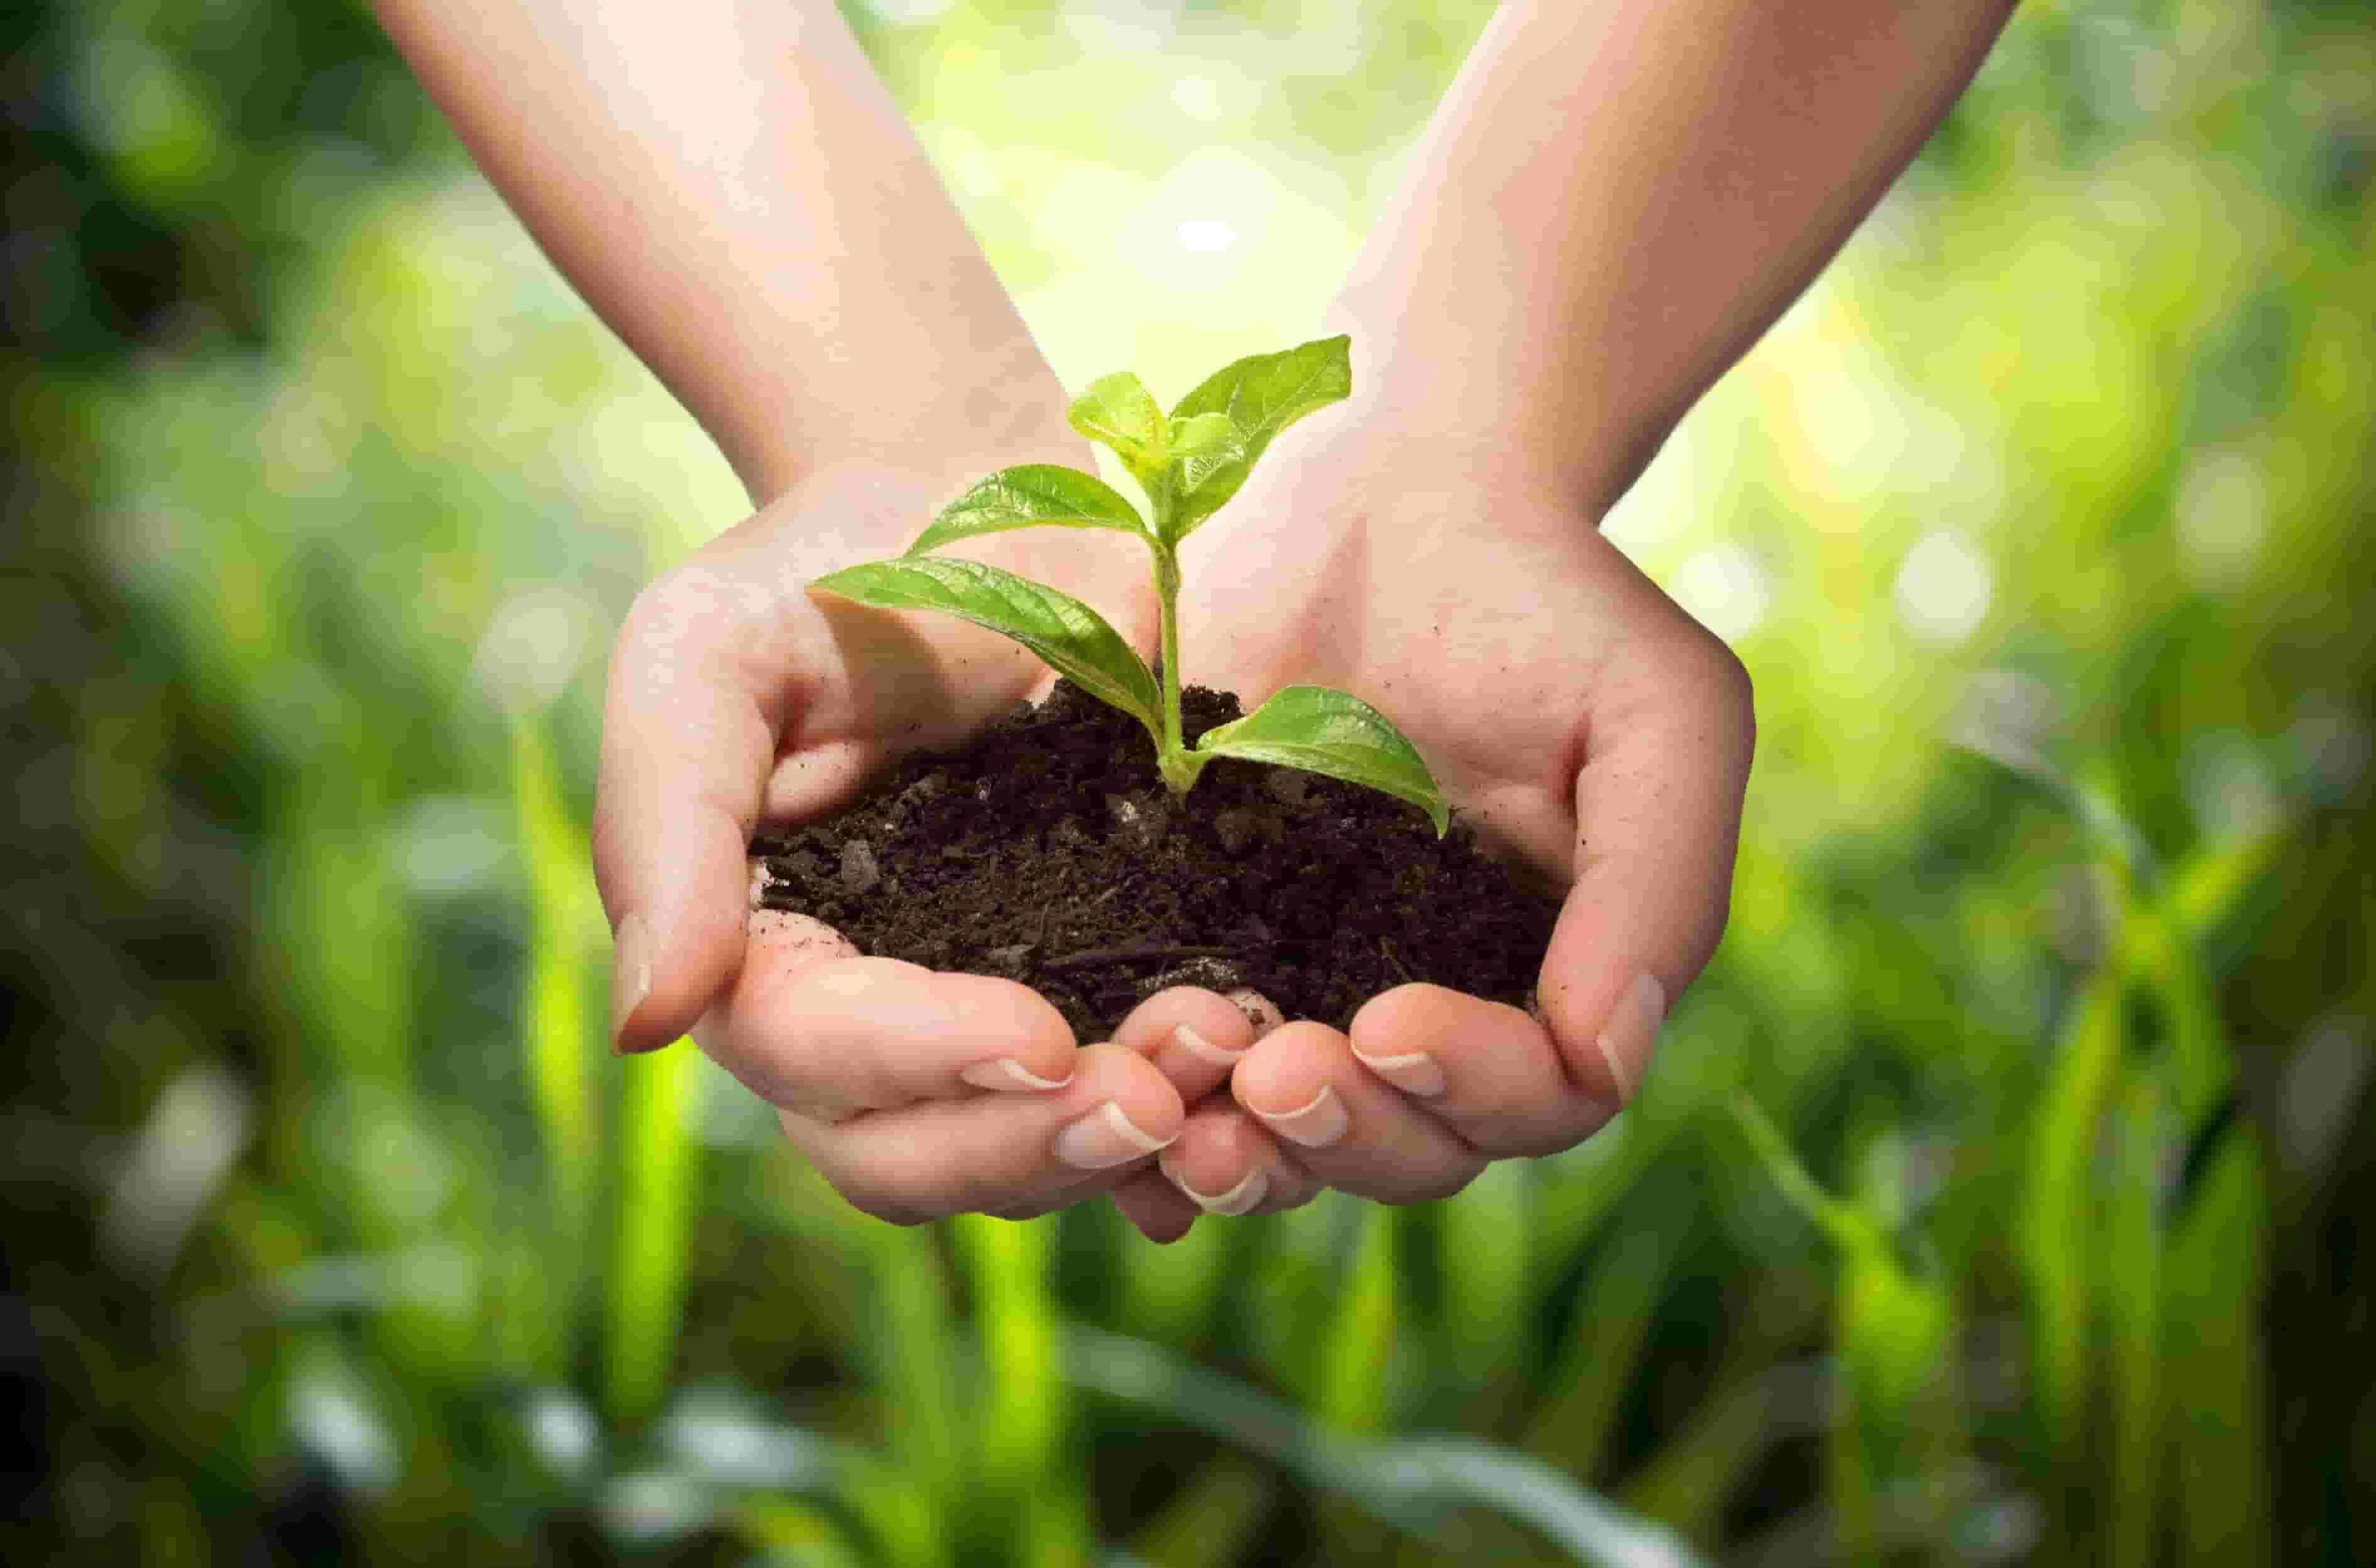 Farmer holding soil